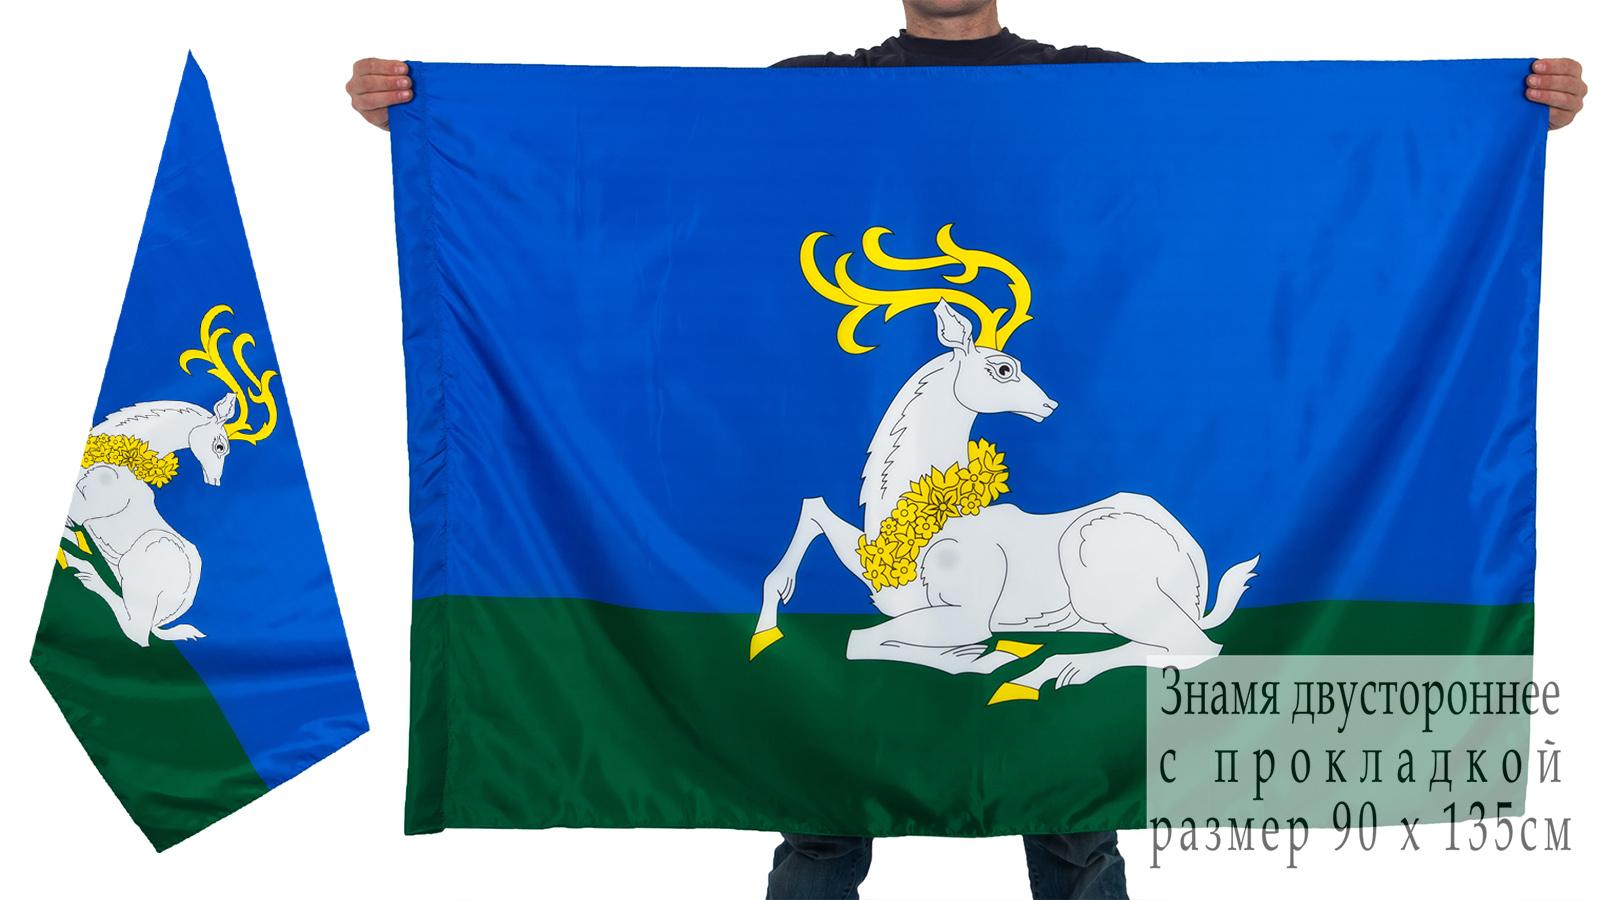 Двухсторонний флаг Одинцова